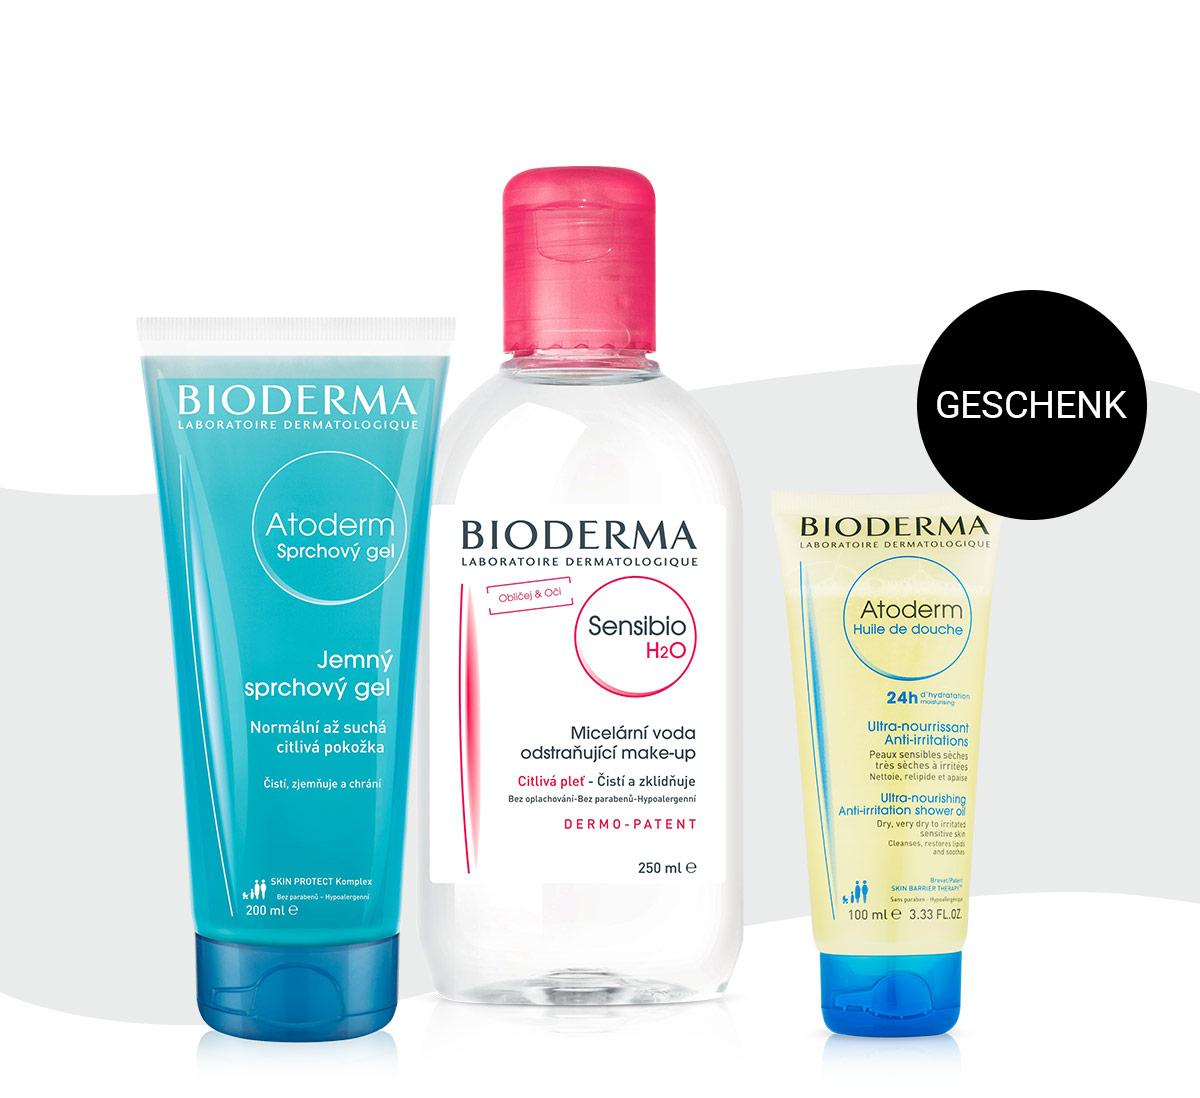 Gratis Duschöl Atoderm zu Ihrem Bioderma Einkauf